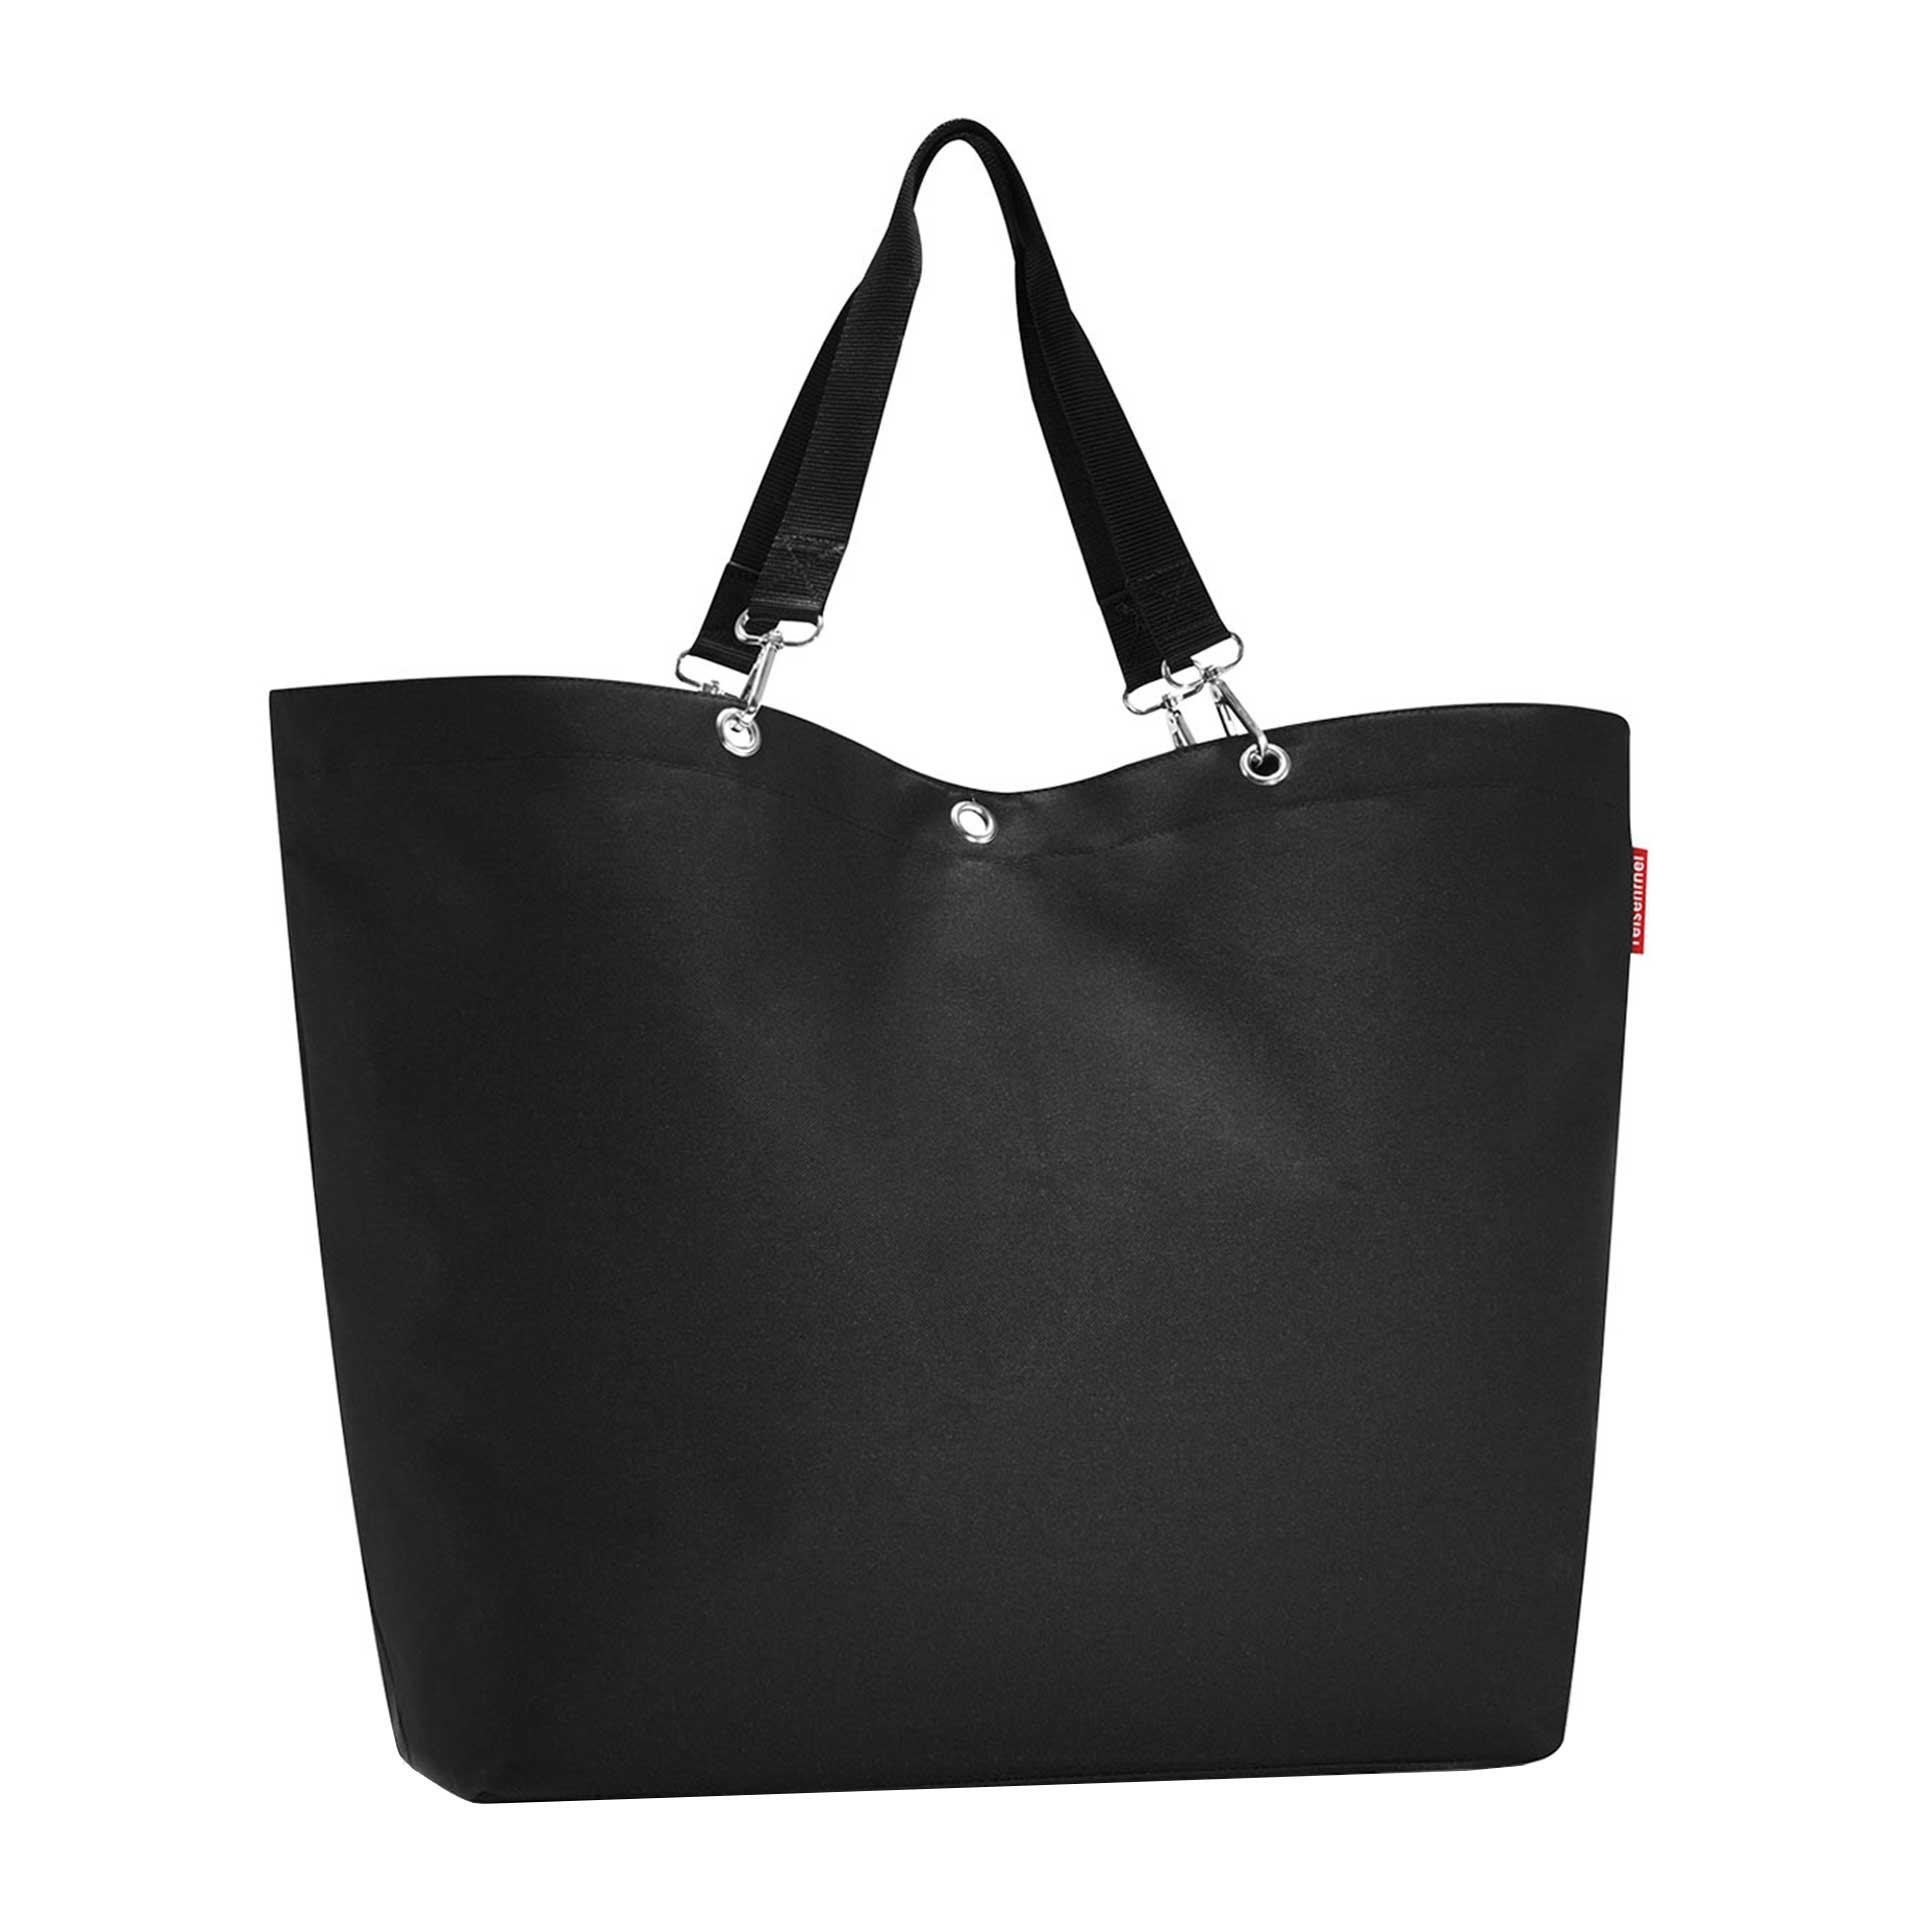 reisenthel shopper XL Freizeittasche black